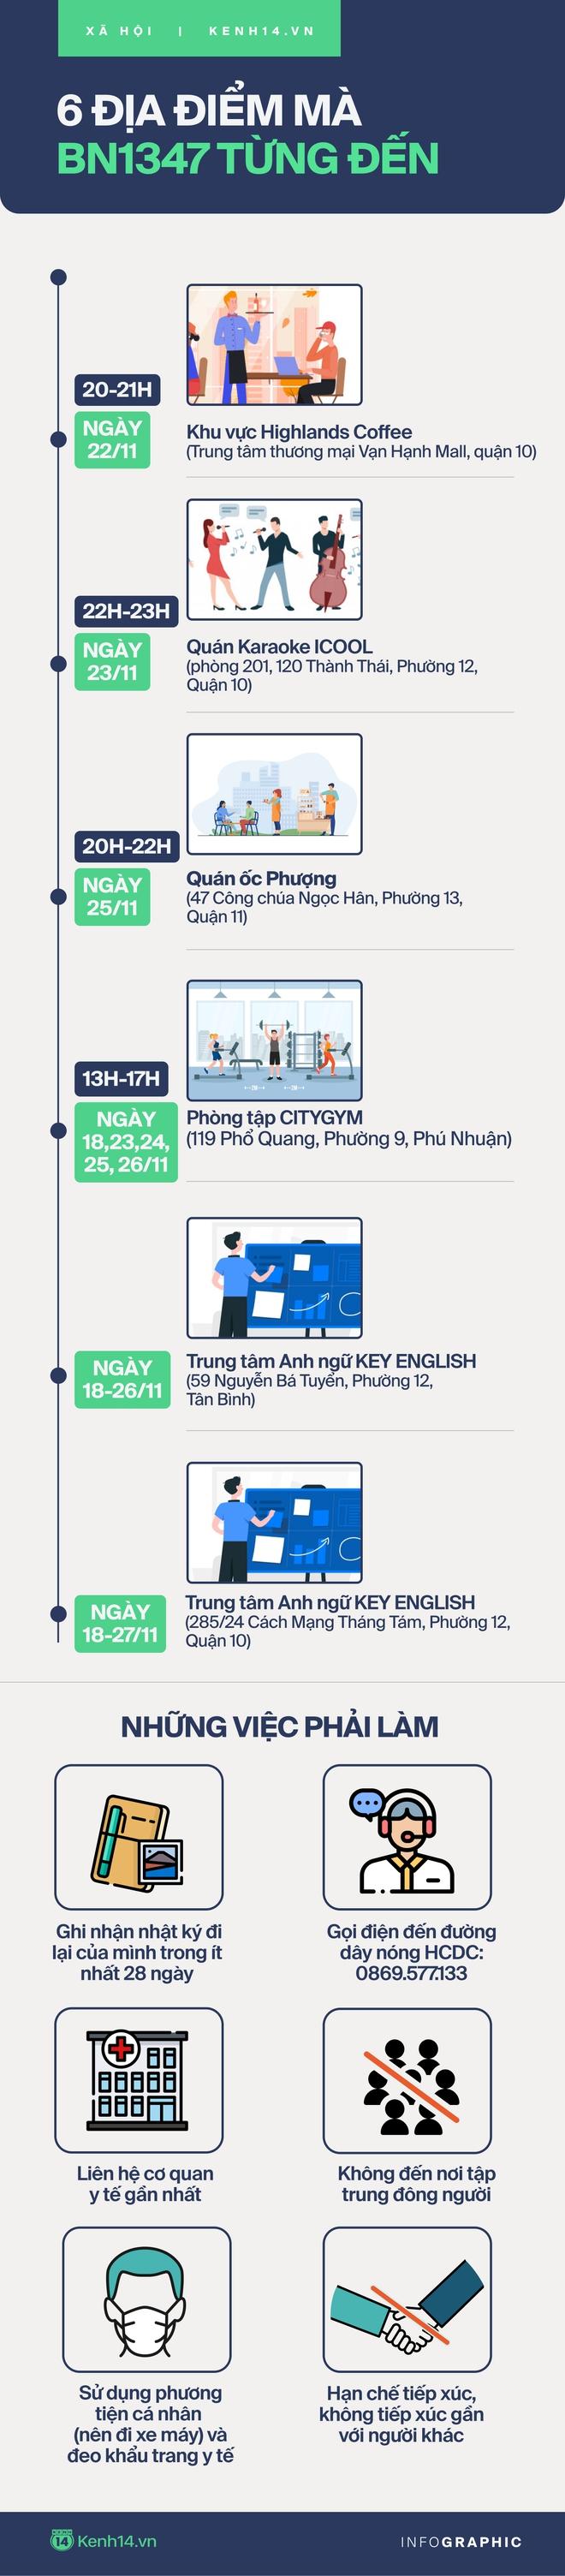 Infographic: Hướng dẫn biện pháp phòng dịch đối với những người từng ghé 6 địa điểm mà BN1347 đã đến - ảnh 1